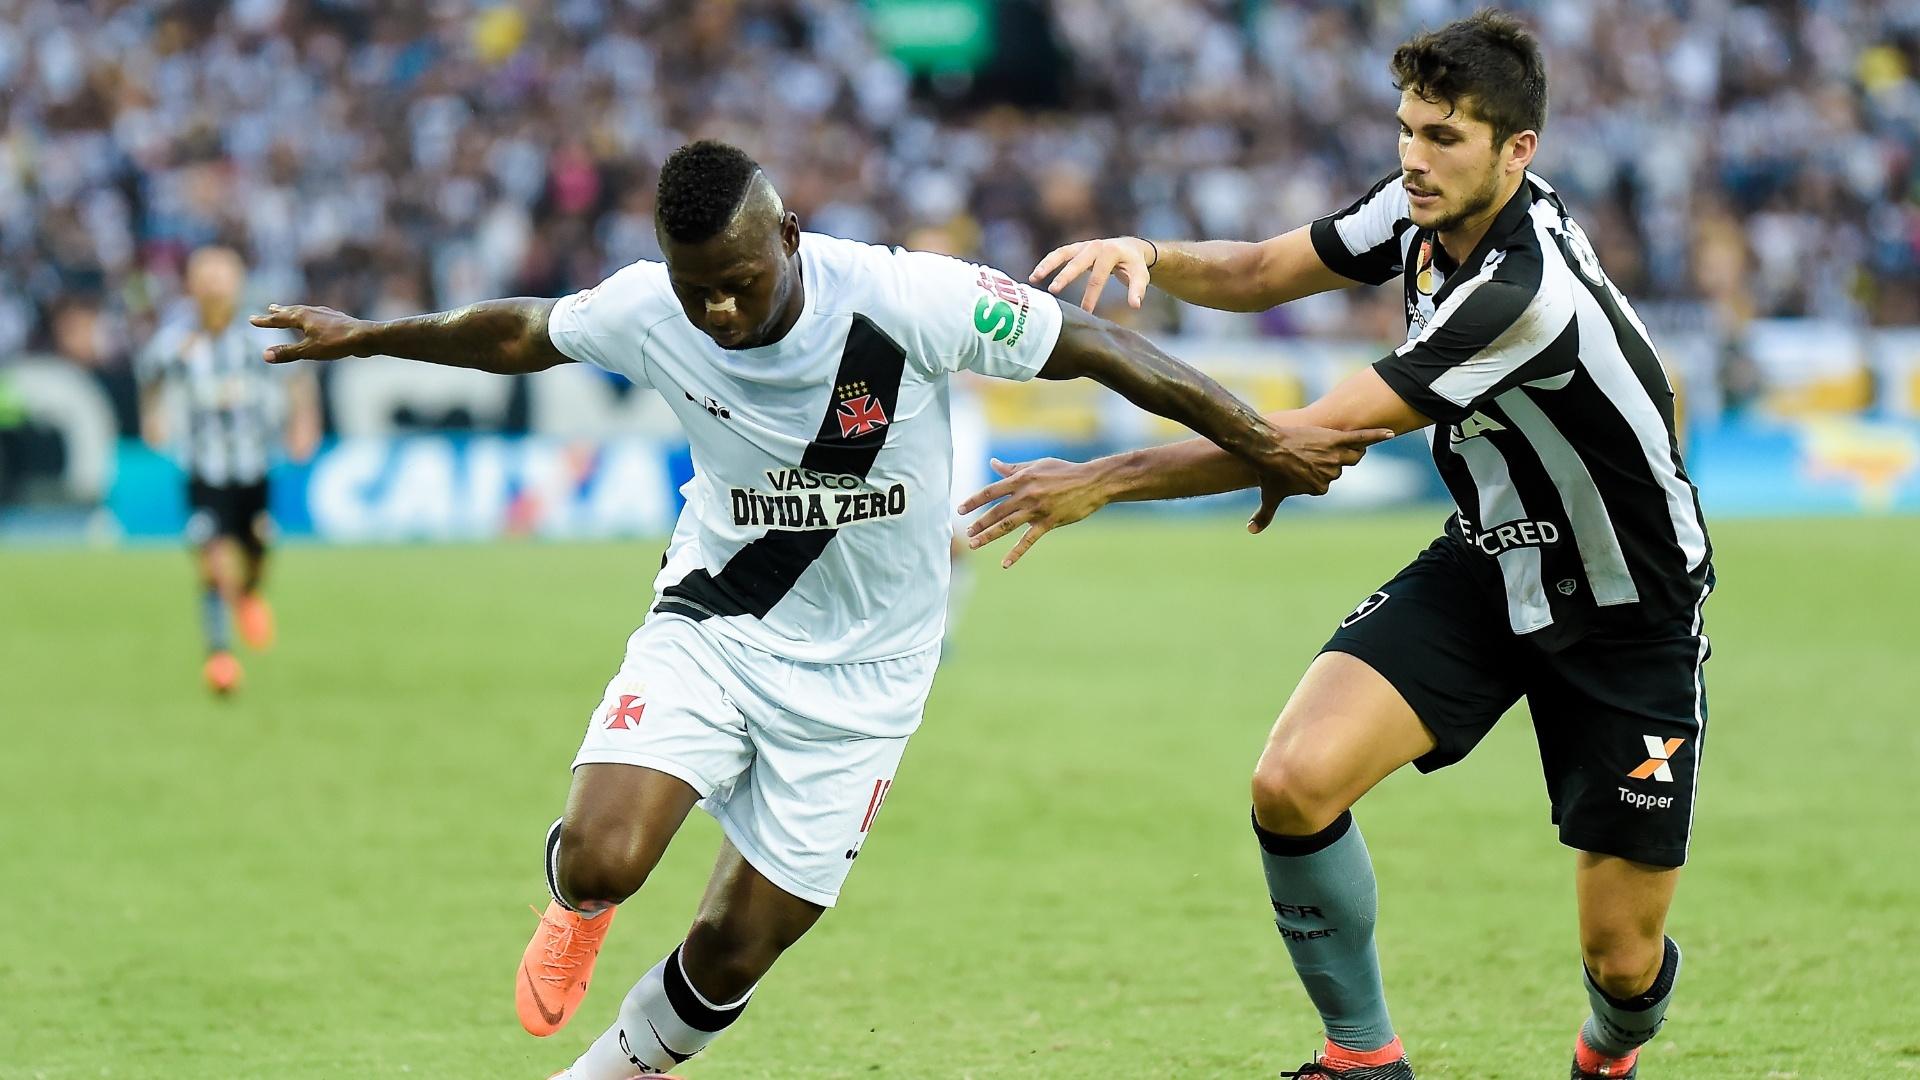 Riascos e Igor Rabello disputam bola em Botafogo x Vasco pelo Campeonato Carioca